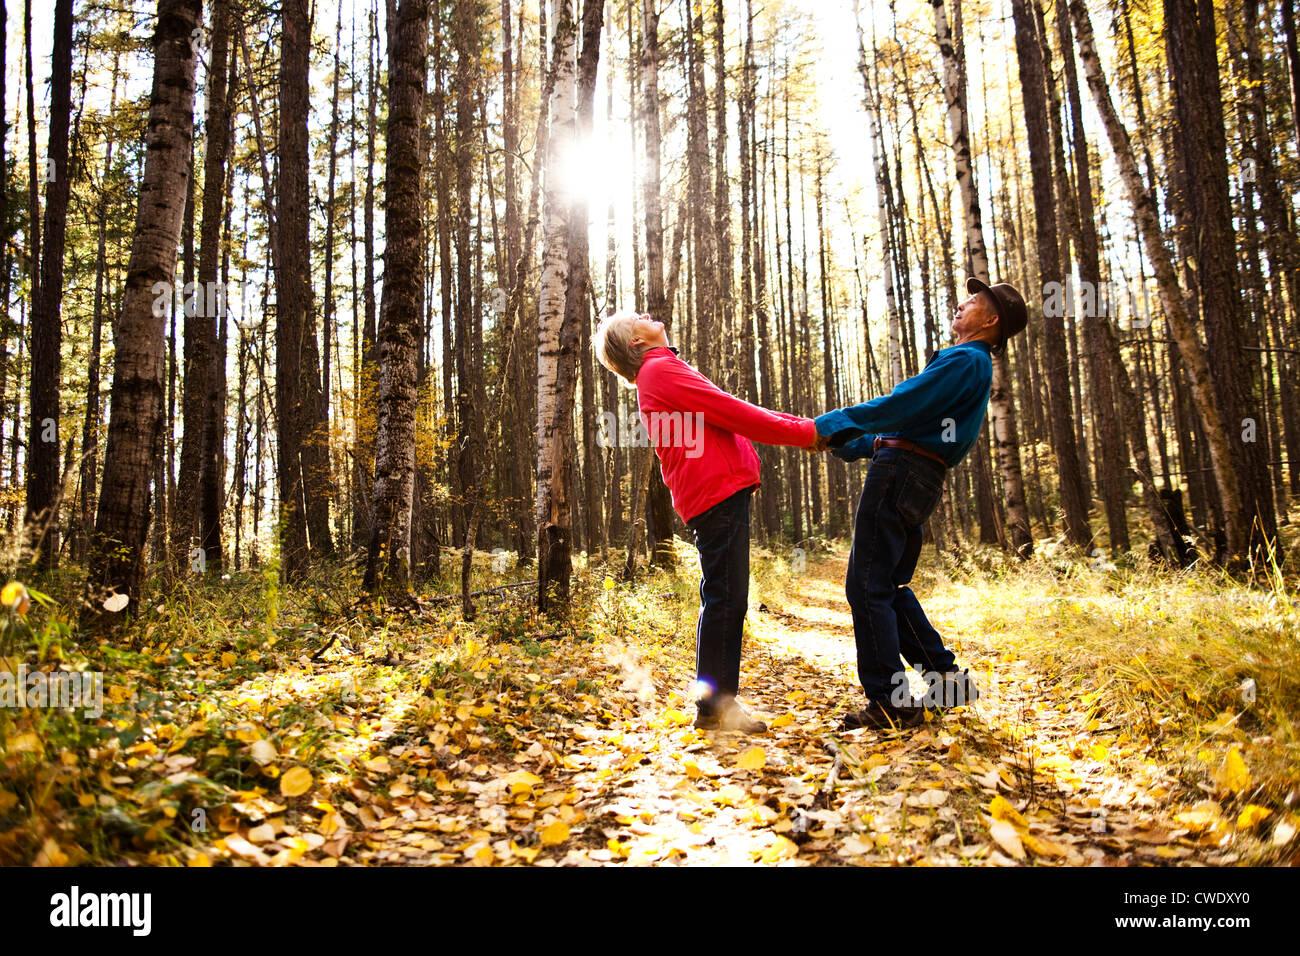 Ein glückliches Paar zu lachen und Lächeln während auf einer Wanderung durch den Wald im Herbst in Idaho im Ruhestand. Stockfoto